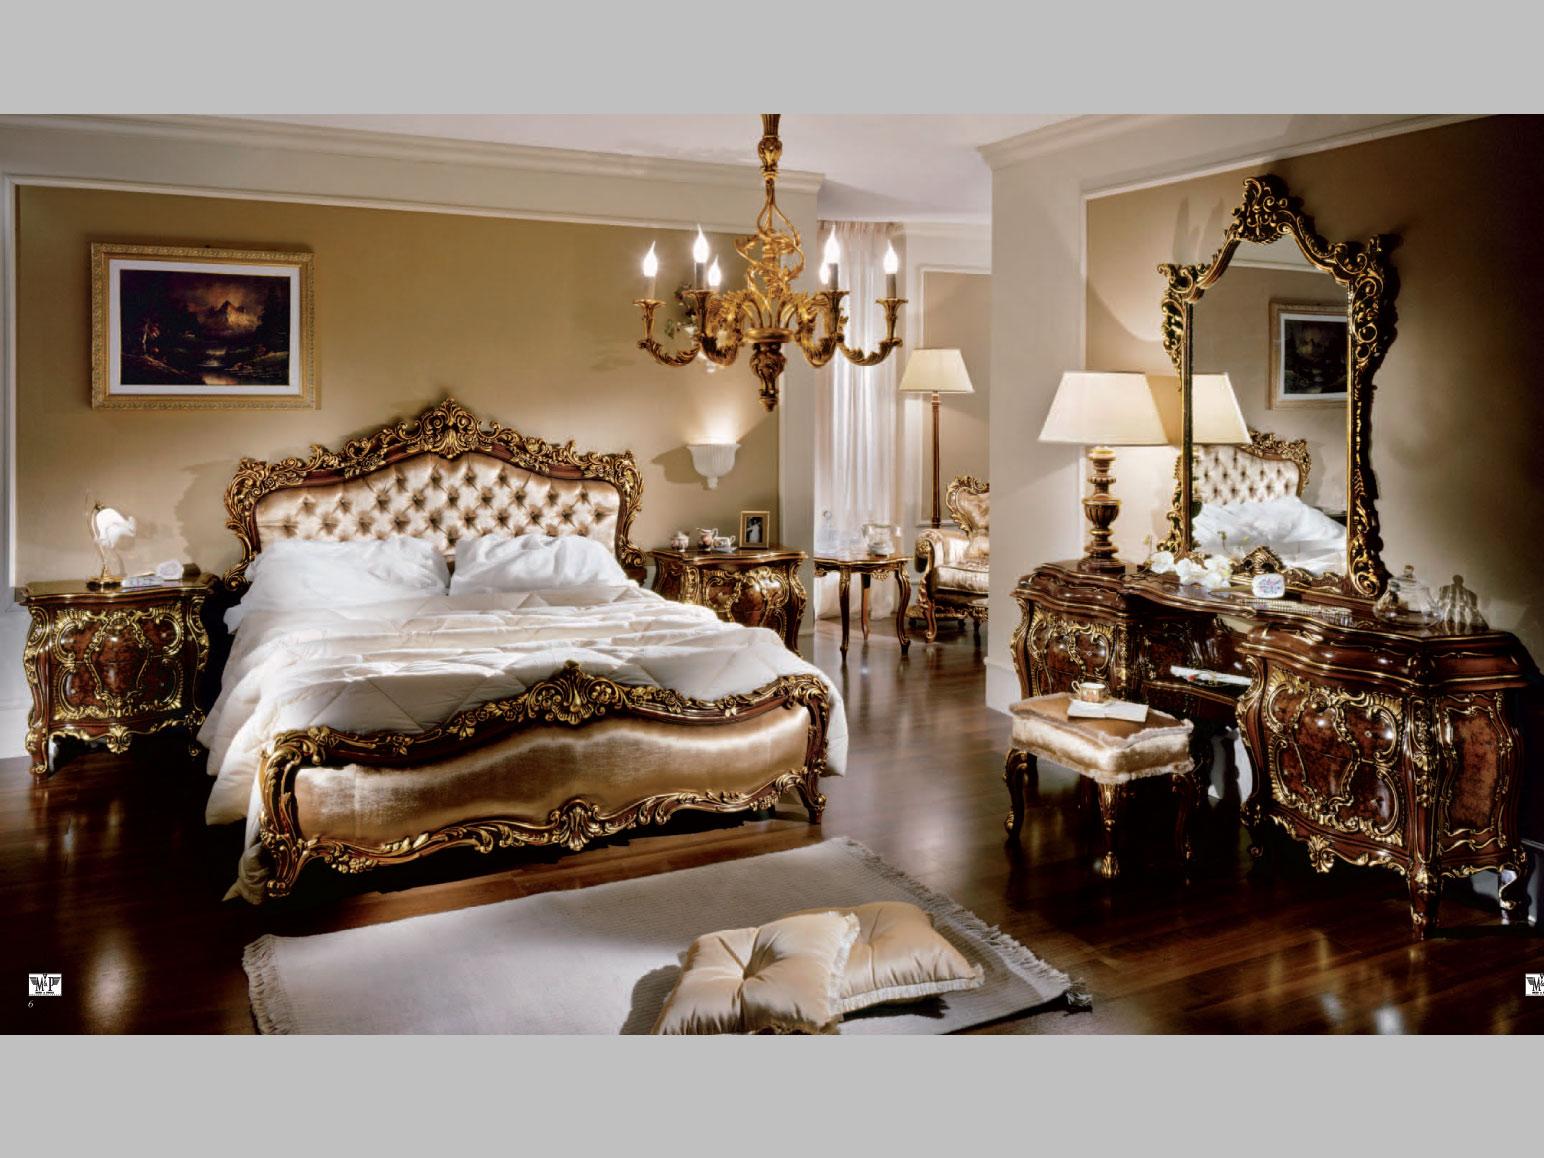 Вариант оформления интерьера спальни